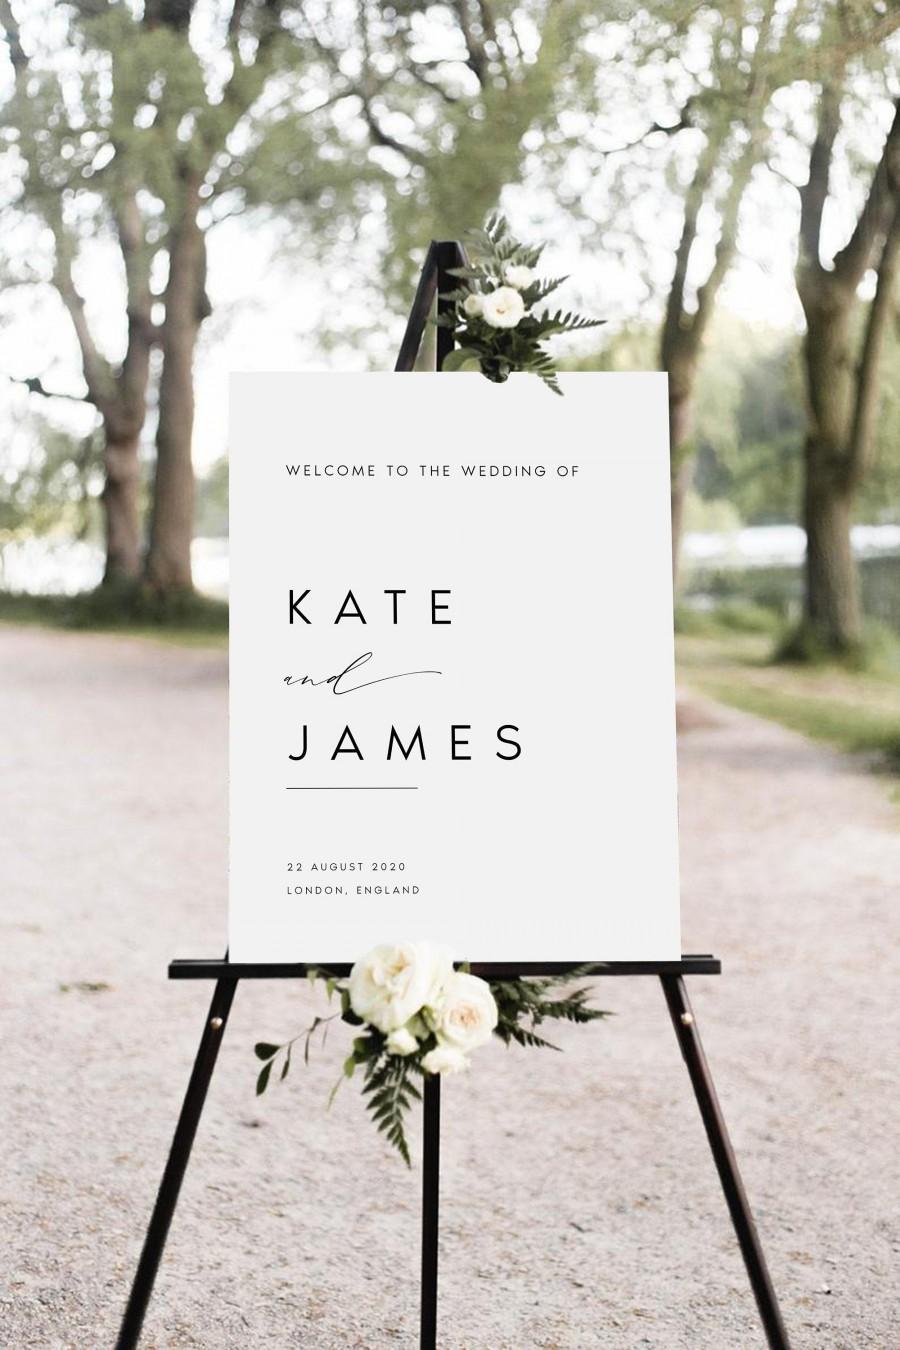 Wedding - Minimalist Wedding Welcome Sign, Welcome Wedding Sign, Script Wedding Welcome Sign, Modern Wedding Signs, Large Wedding Sign, #KATE